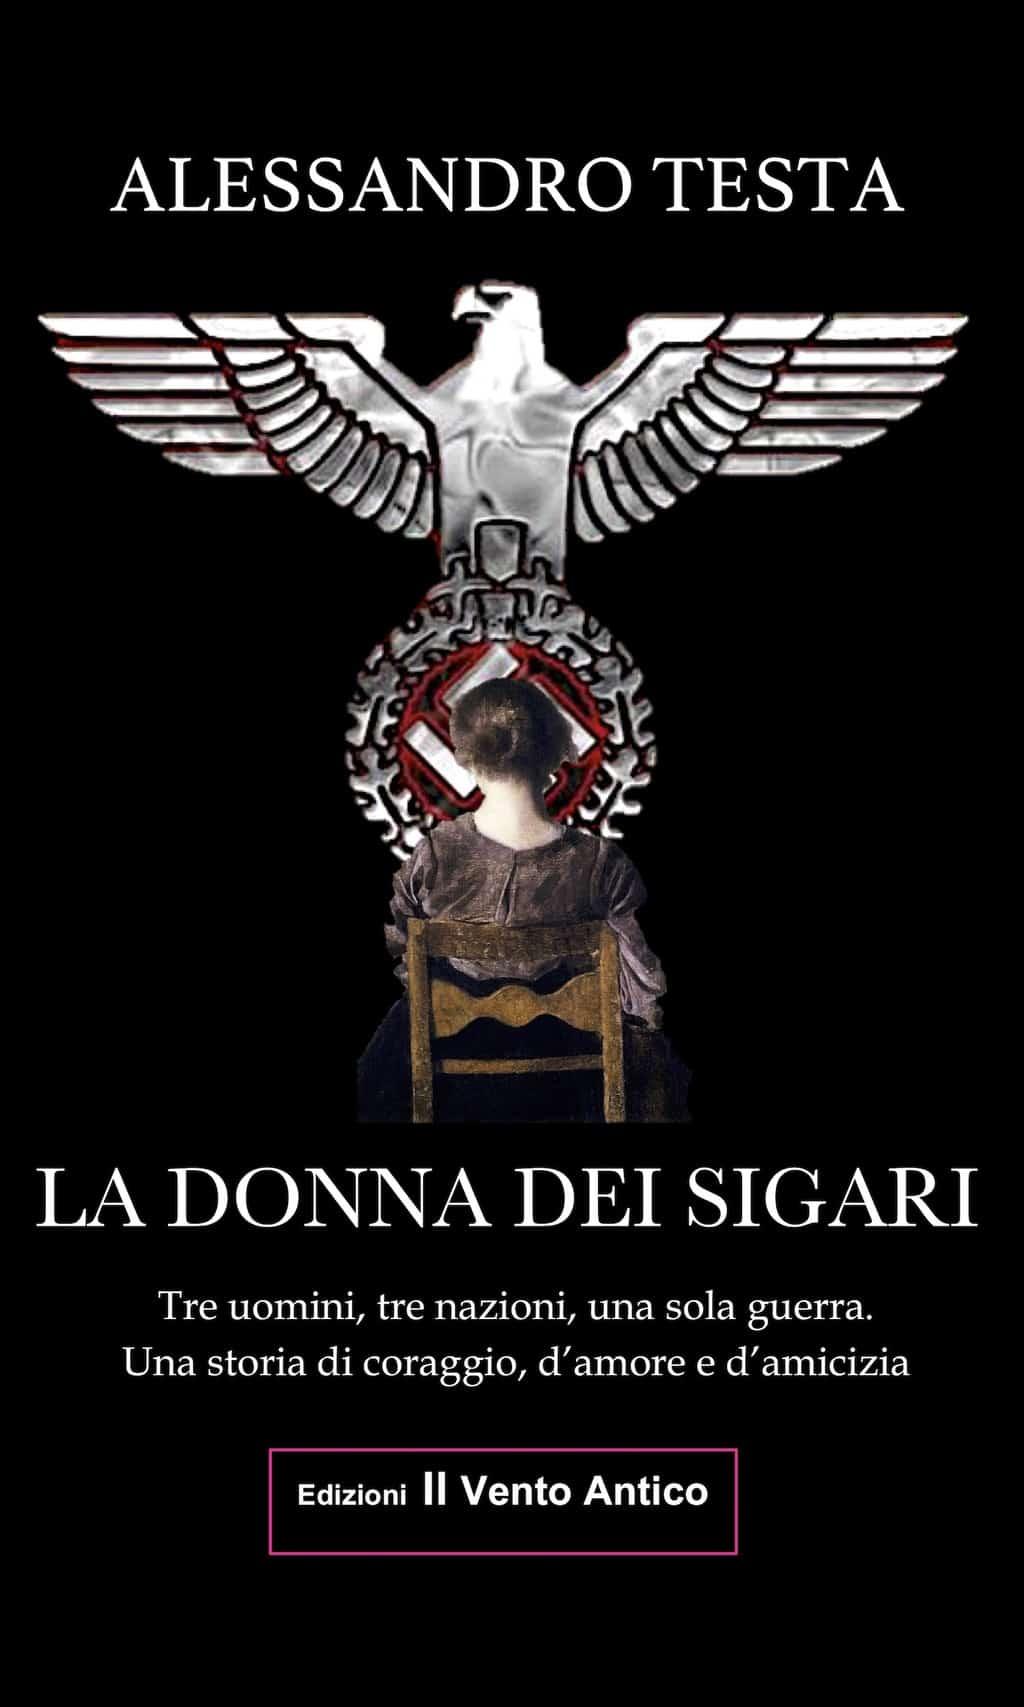 La donna dei sigari, un romanzo che non dimenticherete